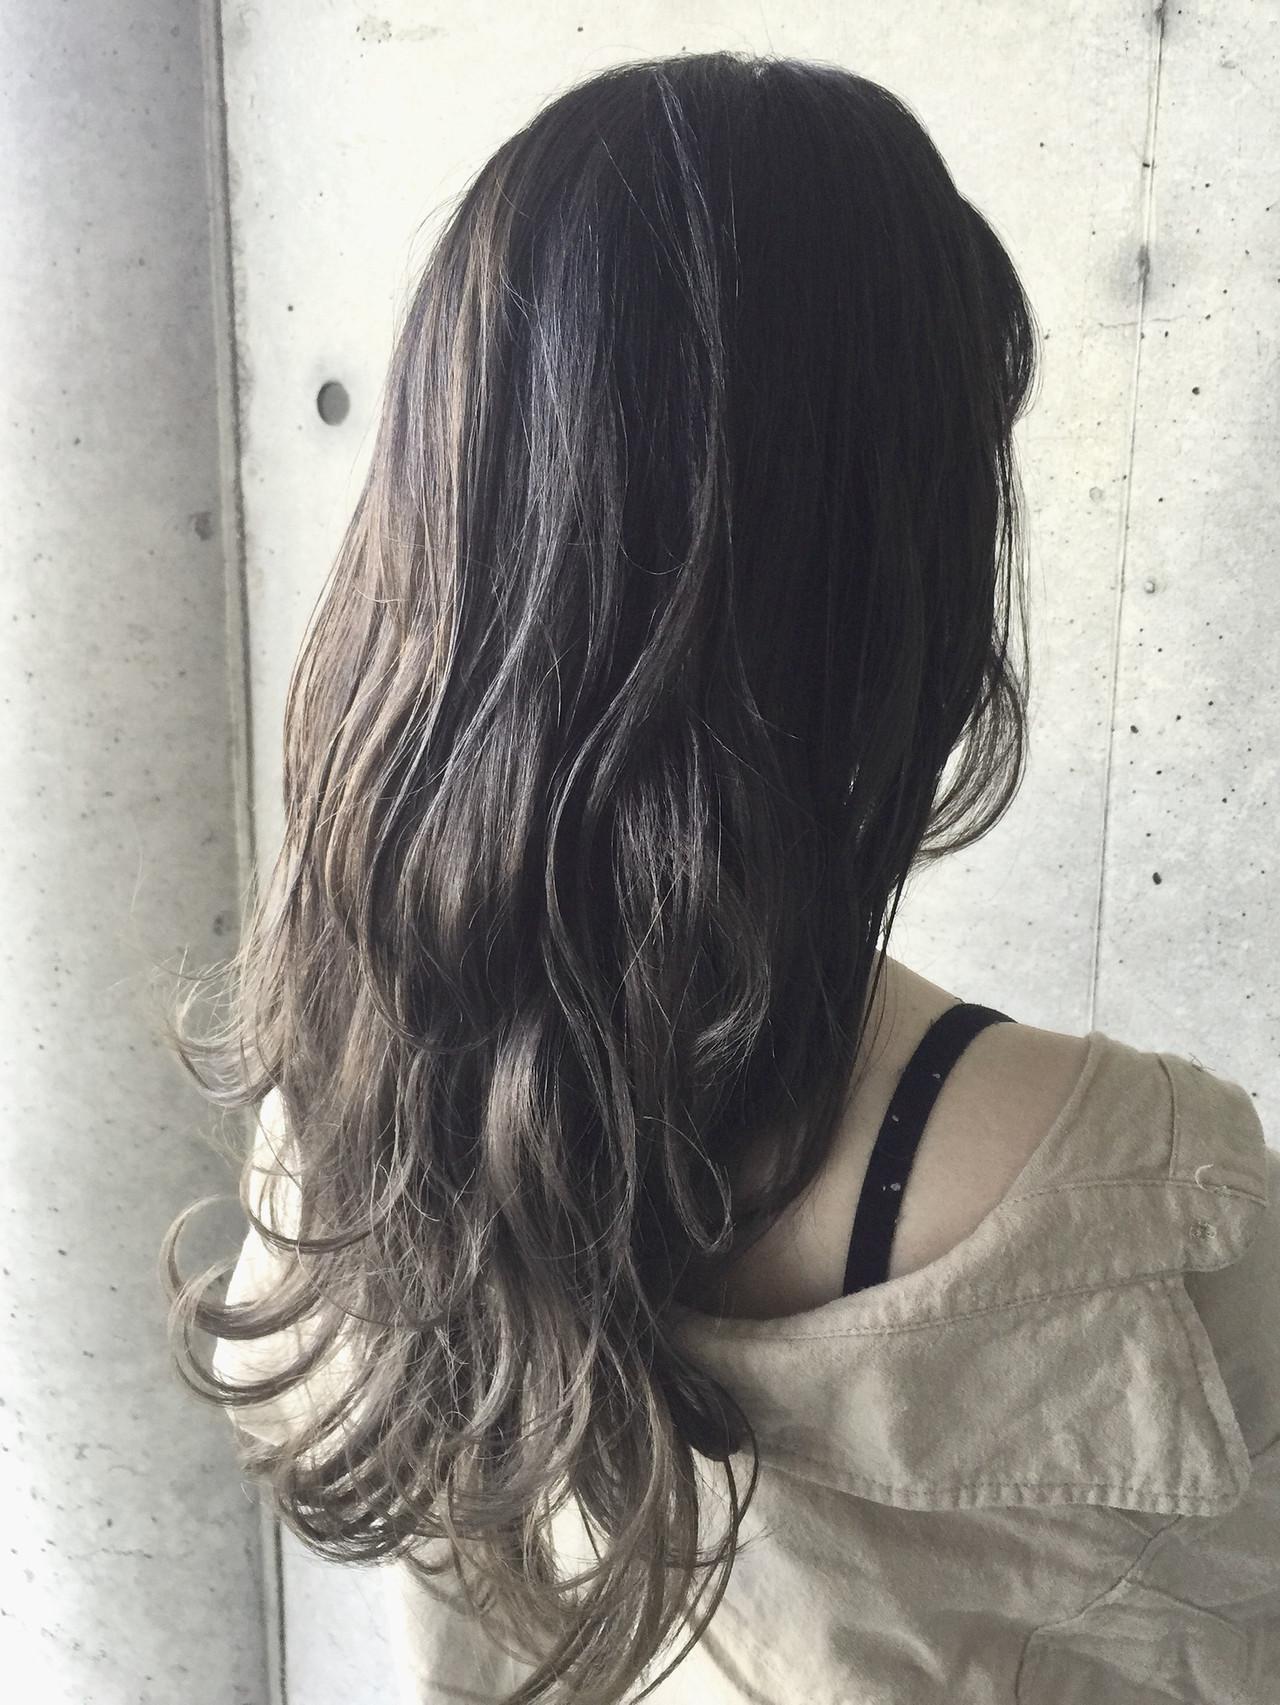 グラデーションカラー ハイトーンカラー セミロング ナチュラル ヘアスタイルや髪型の写真・画像